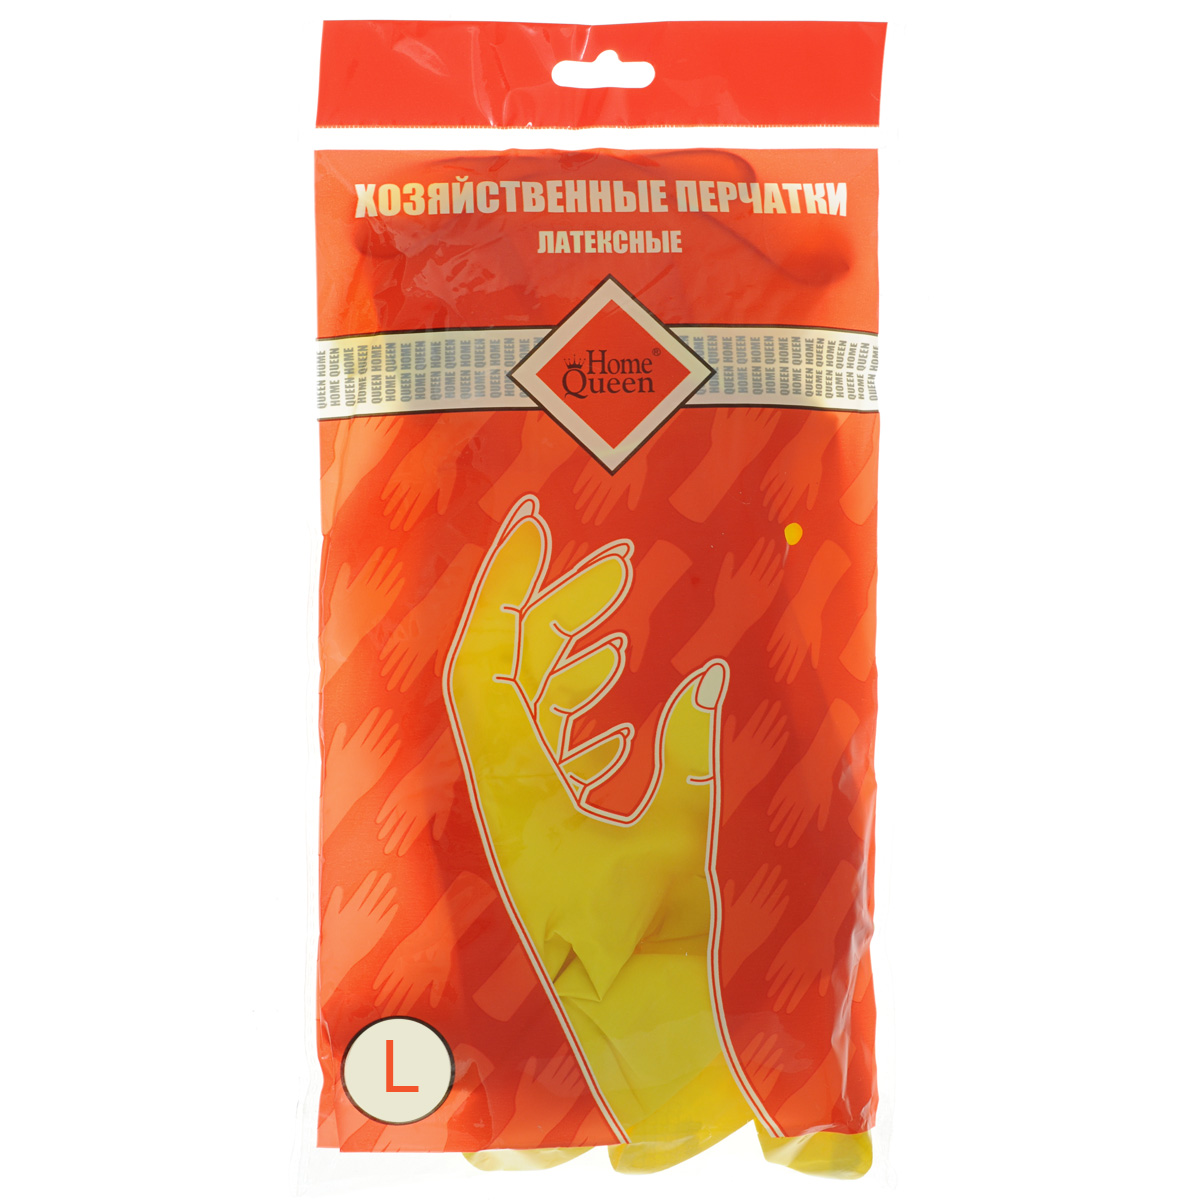 Перчатки латексные Home Queen. Размер LМ 2481Перчатки Home Queen защитят ваши руки от воздействия бытовой химии и грязи. Подойдут для всех видов хозяйственных работ. Выполнены из латекса.